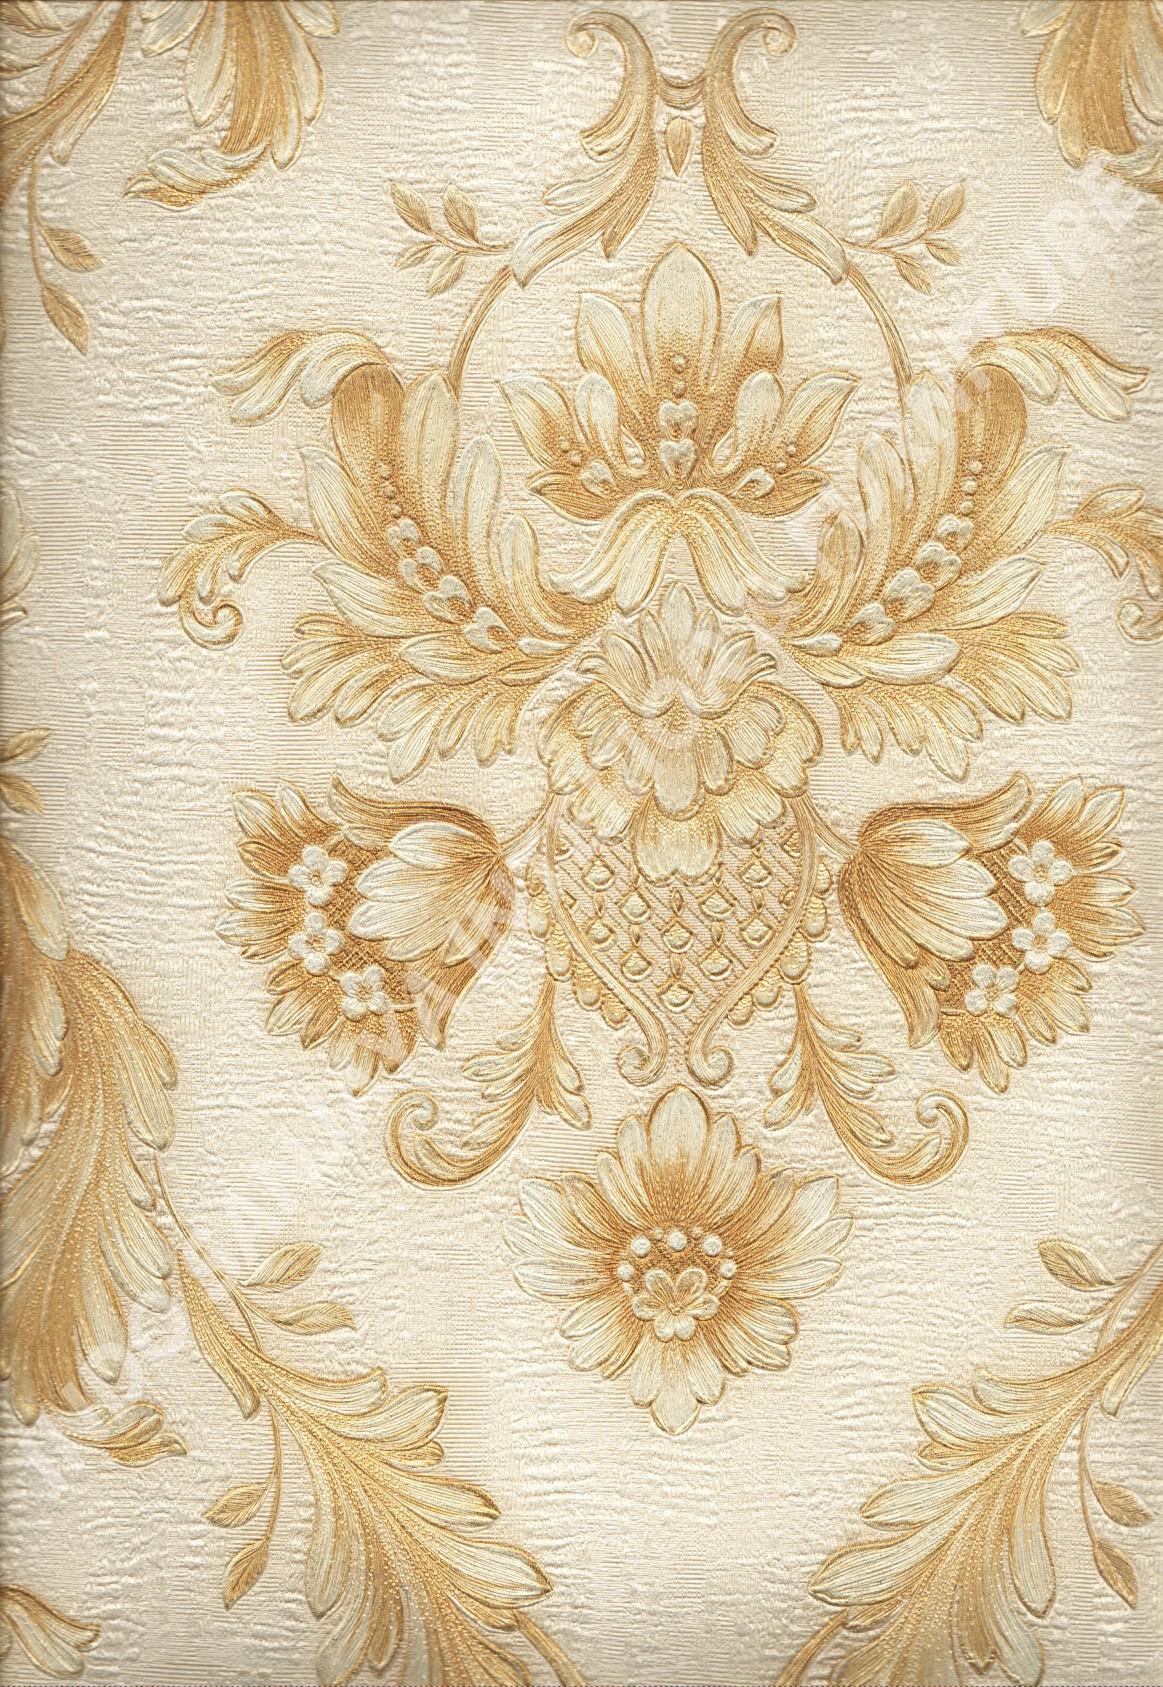 wallpaper   Wallpaper Klasik Batik (Damask) 51006-1:51006-1 corak  warna